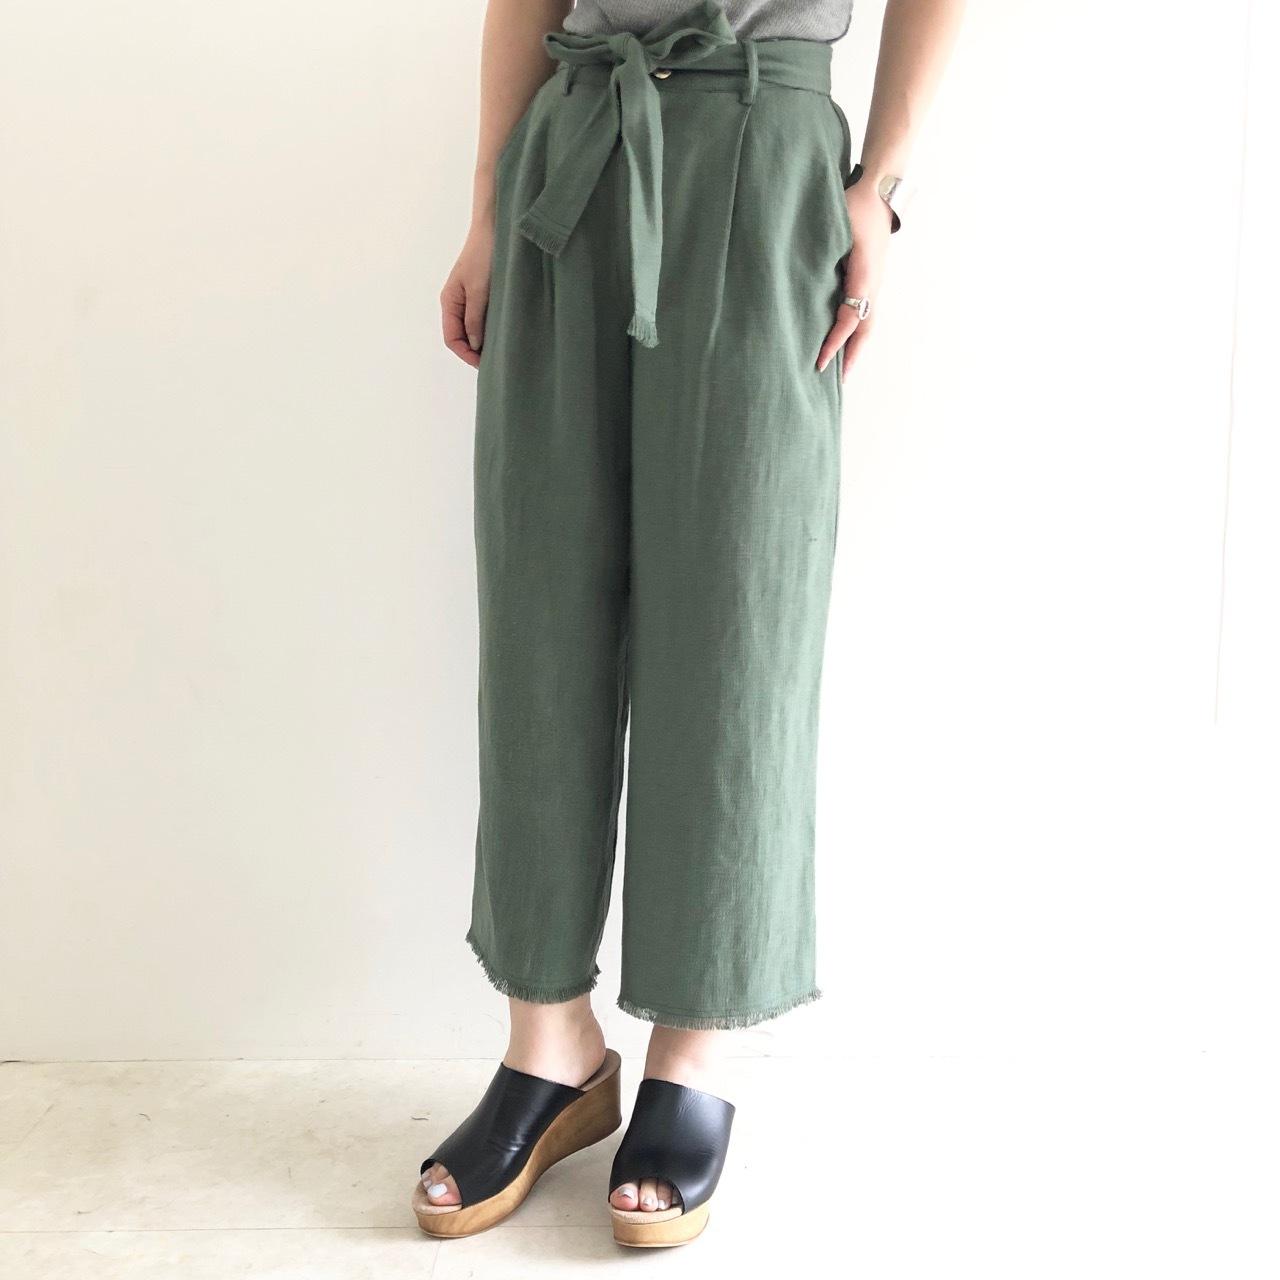 【 anna kerry 】- 85191611 -リネンワイドパンツ